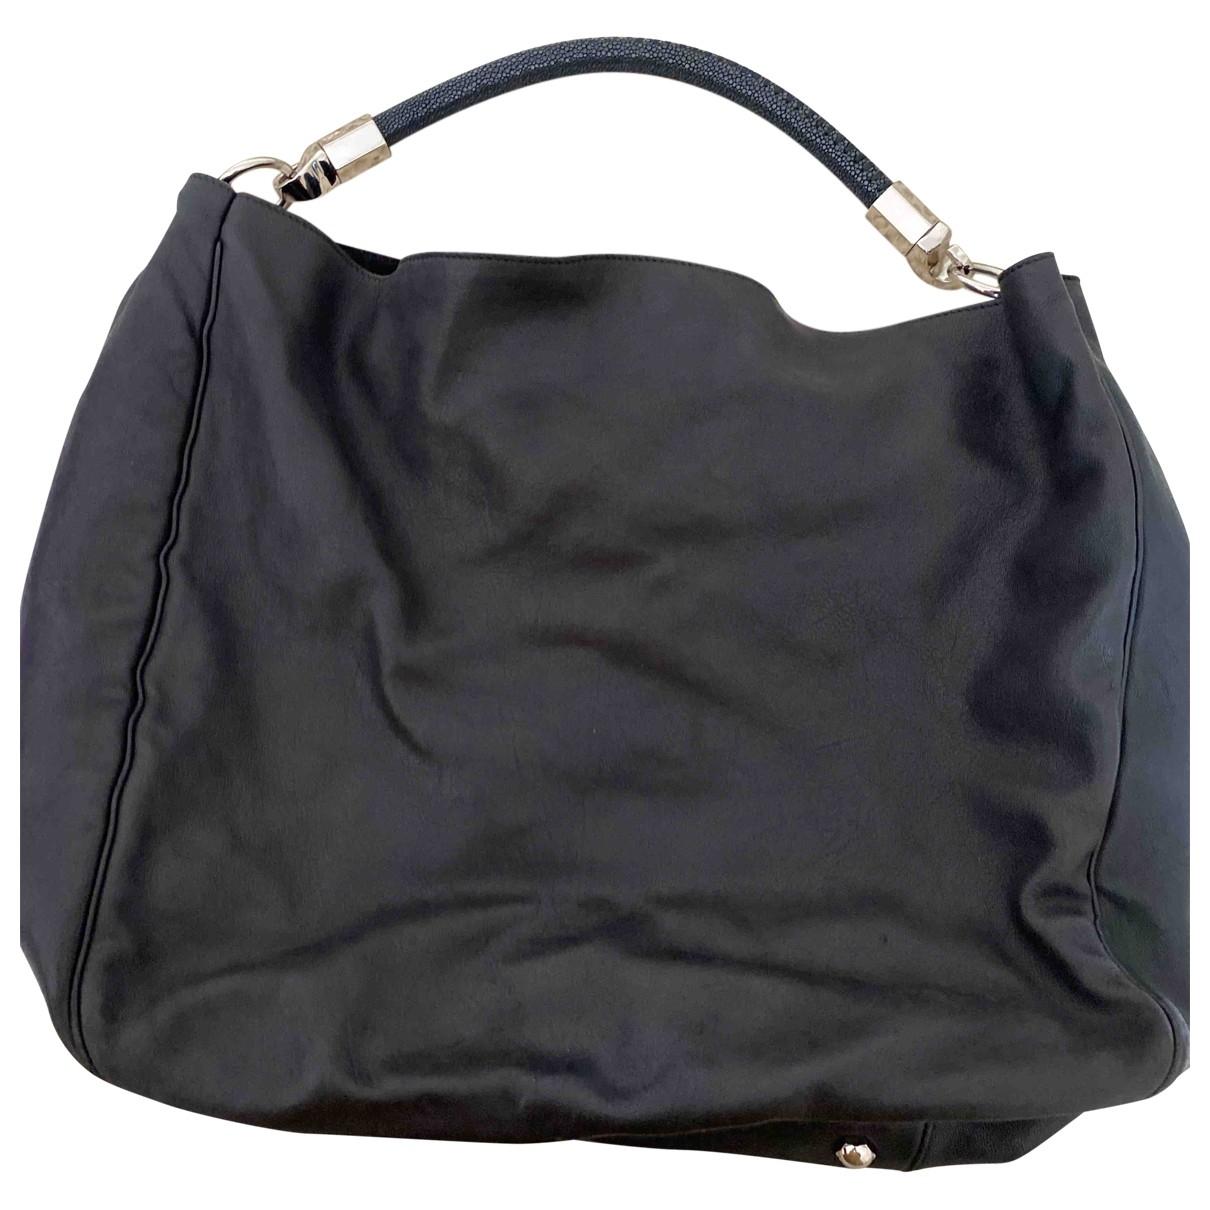 Yves Saint Laurent Roady Black Leather handbag for Women \N